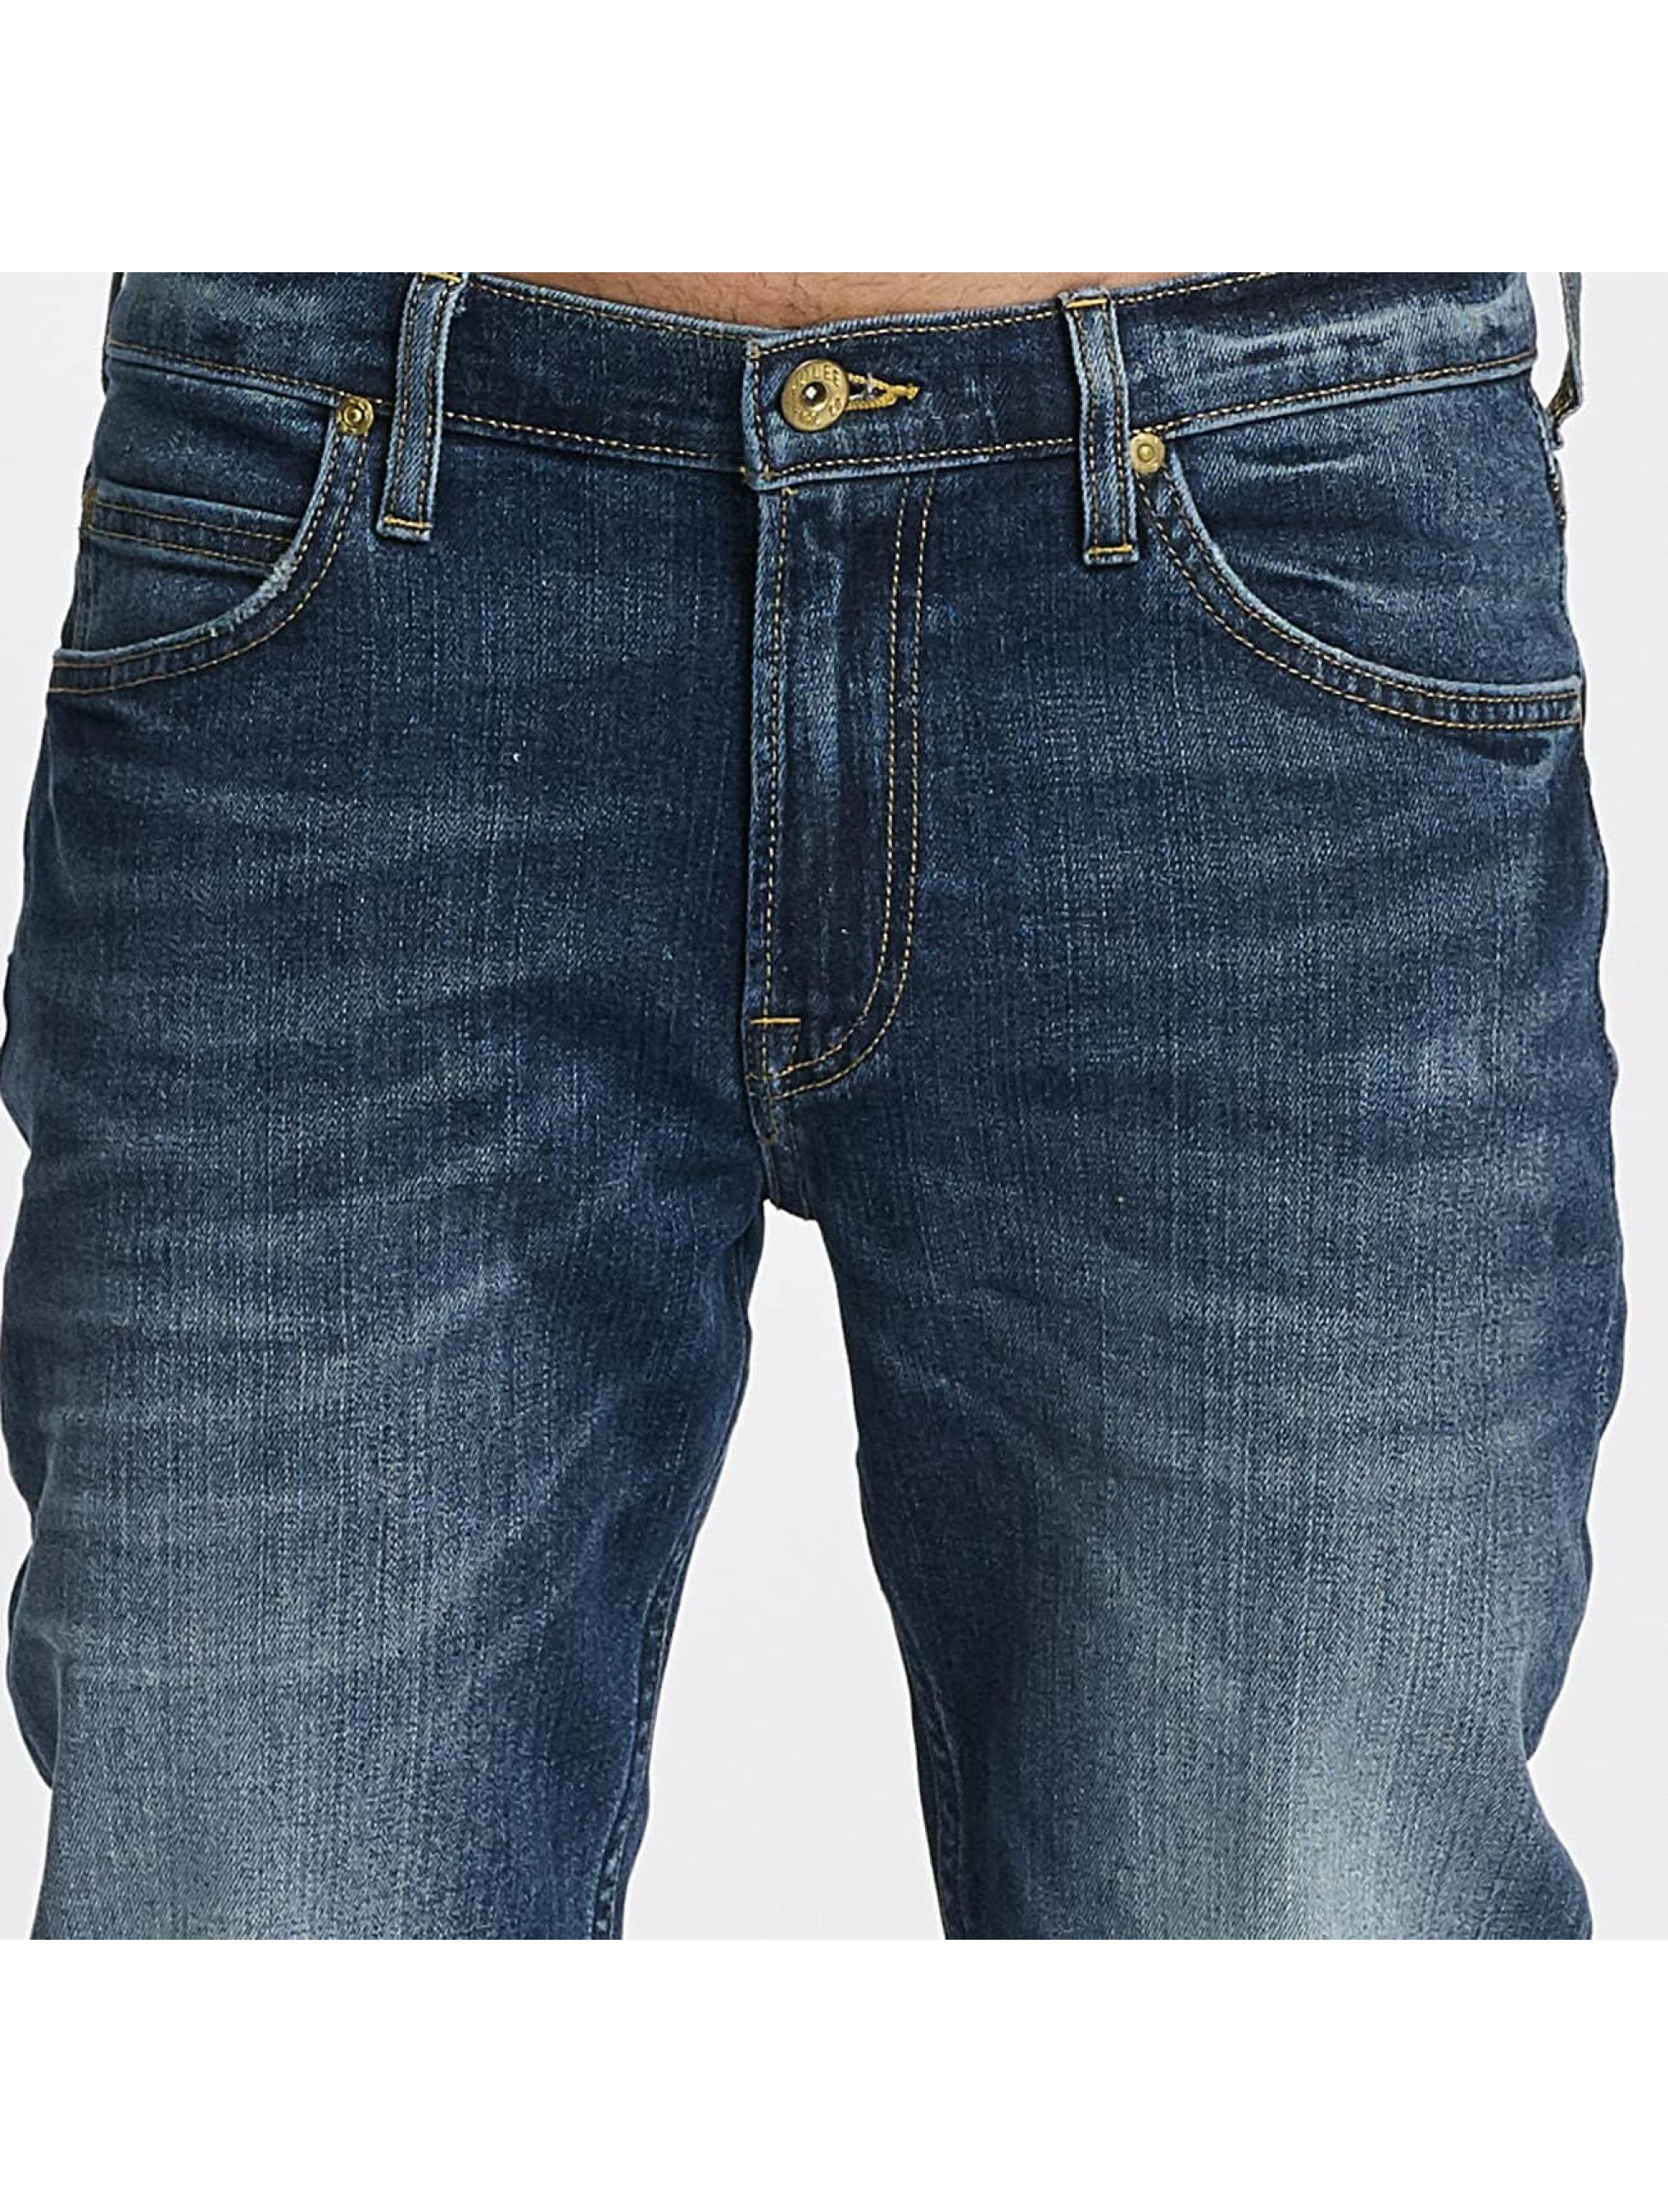 Lee dżinsy przylegające Rider niebieski